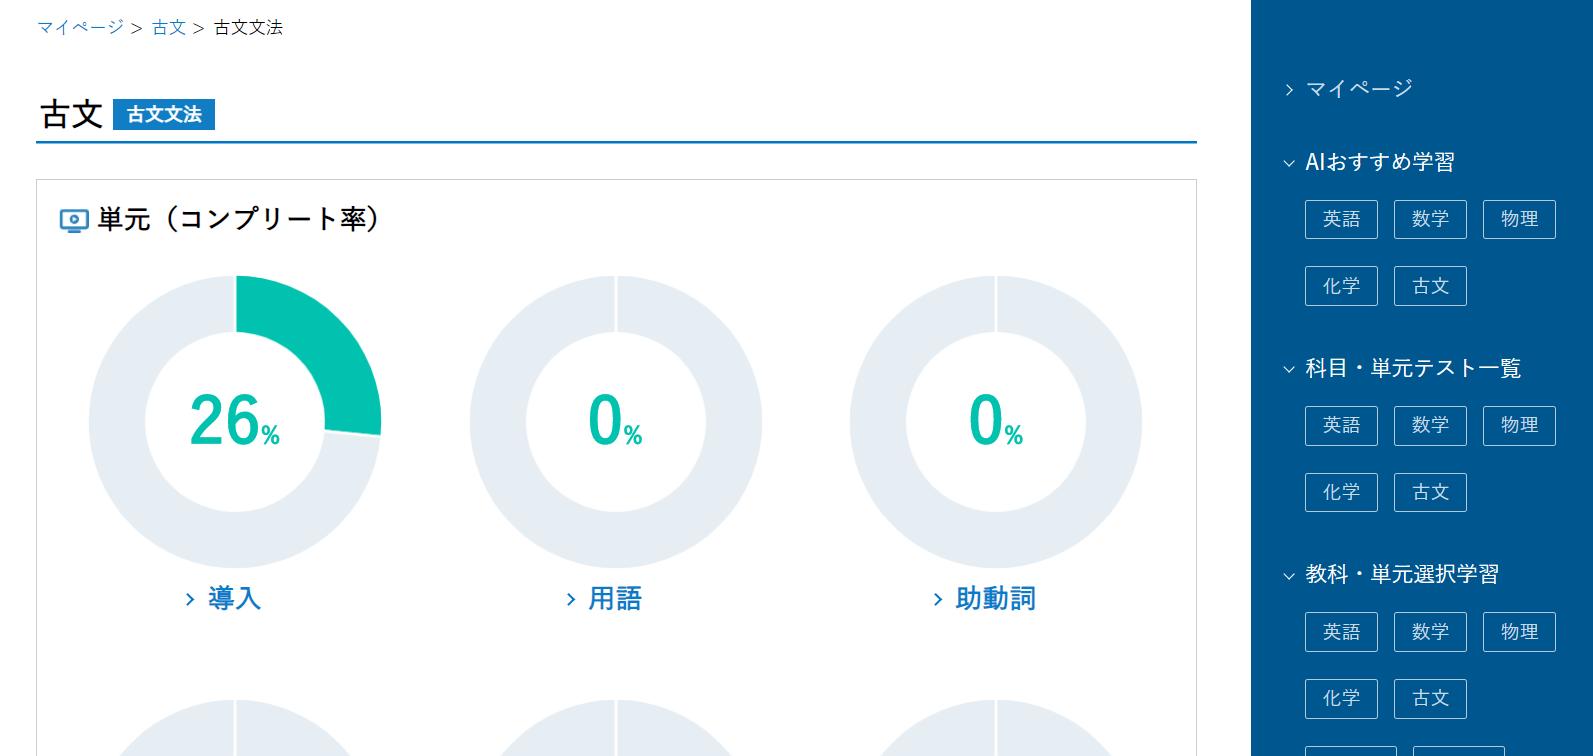 河合塾Oneの古文単元